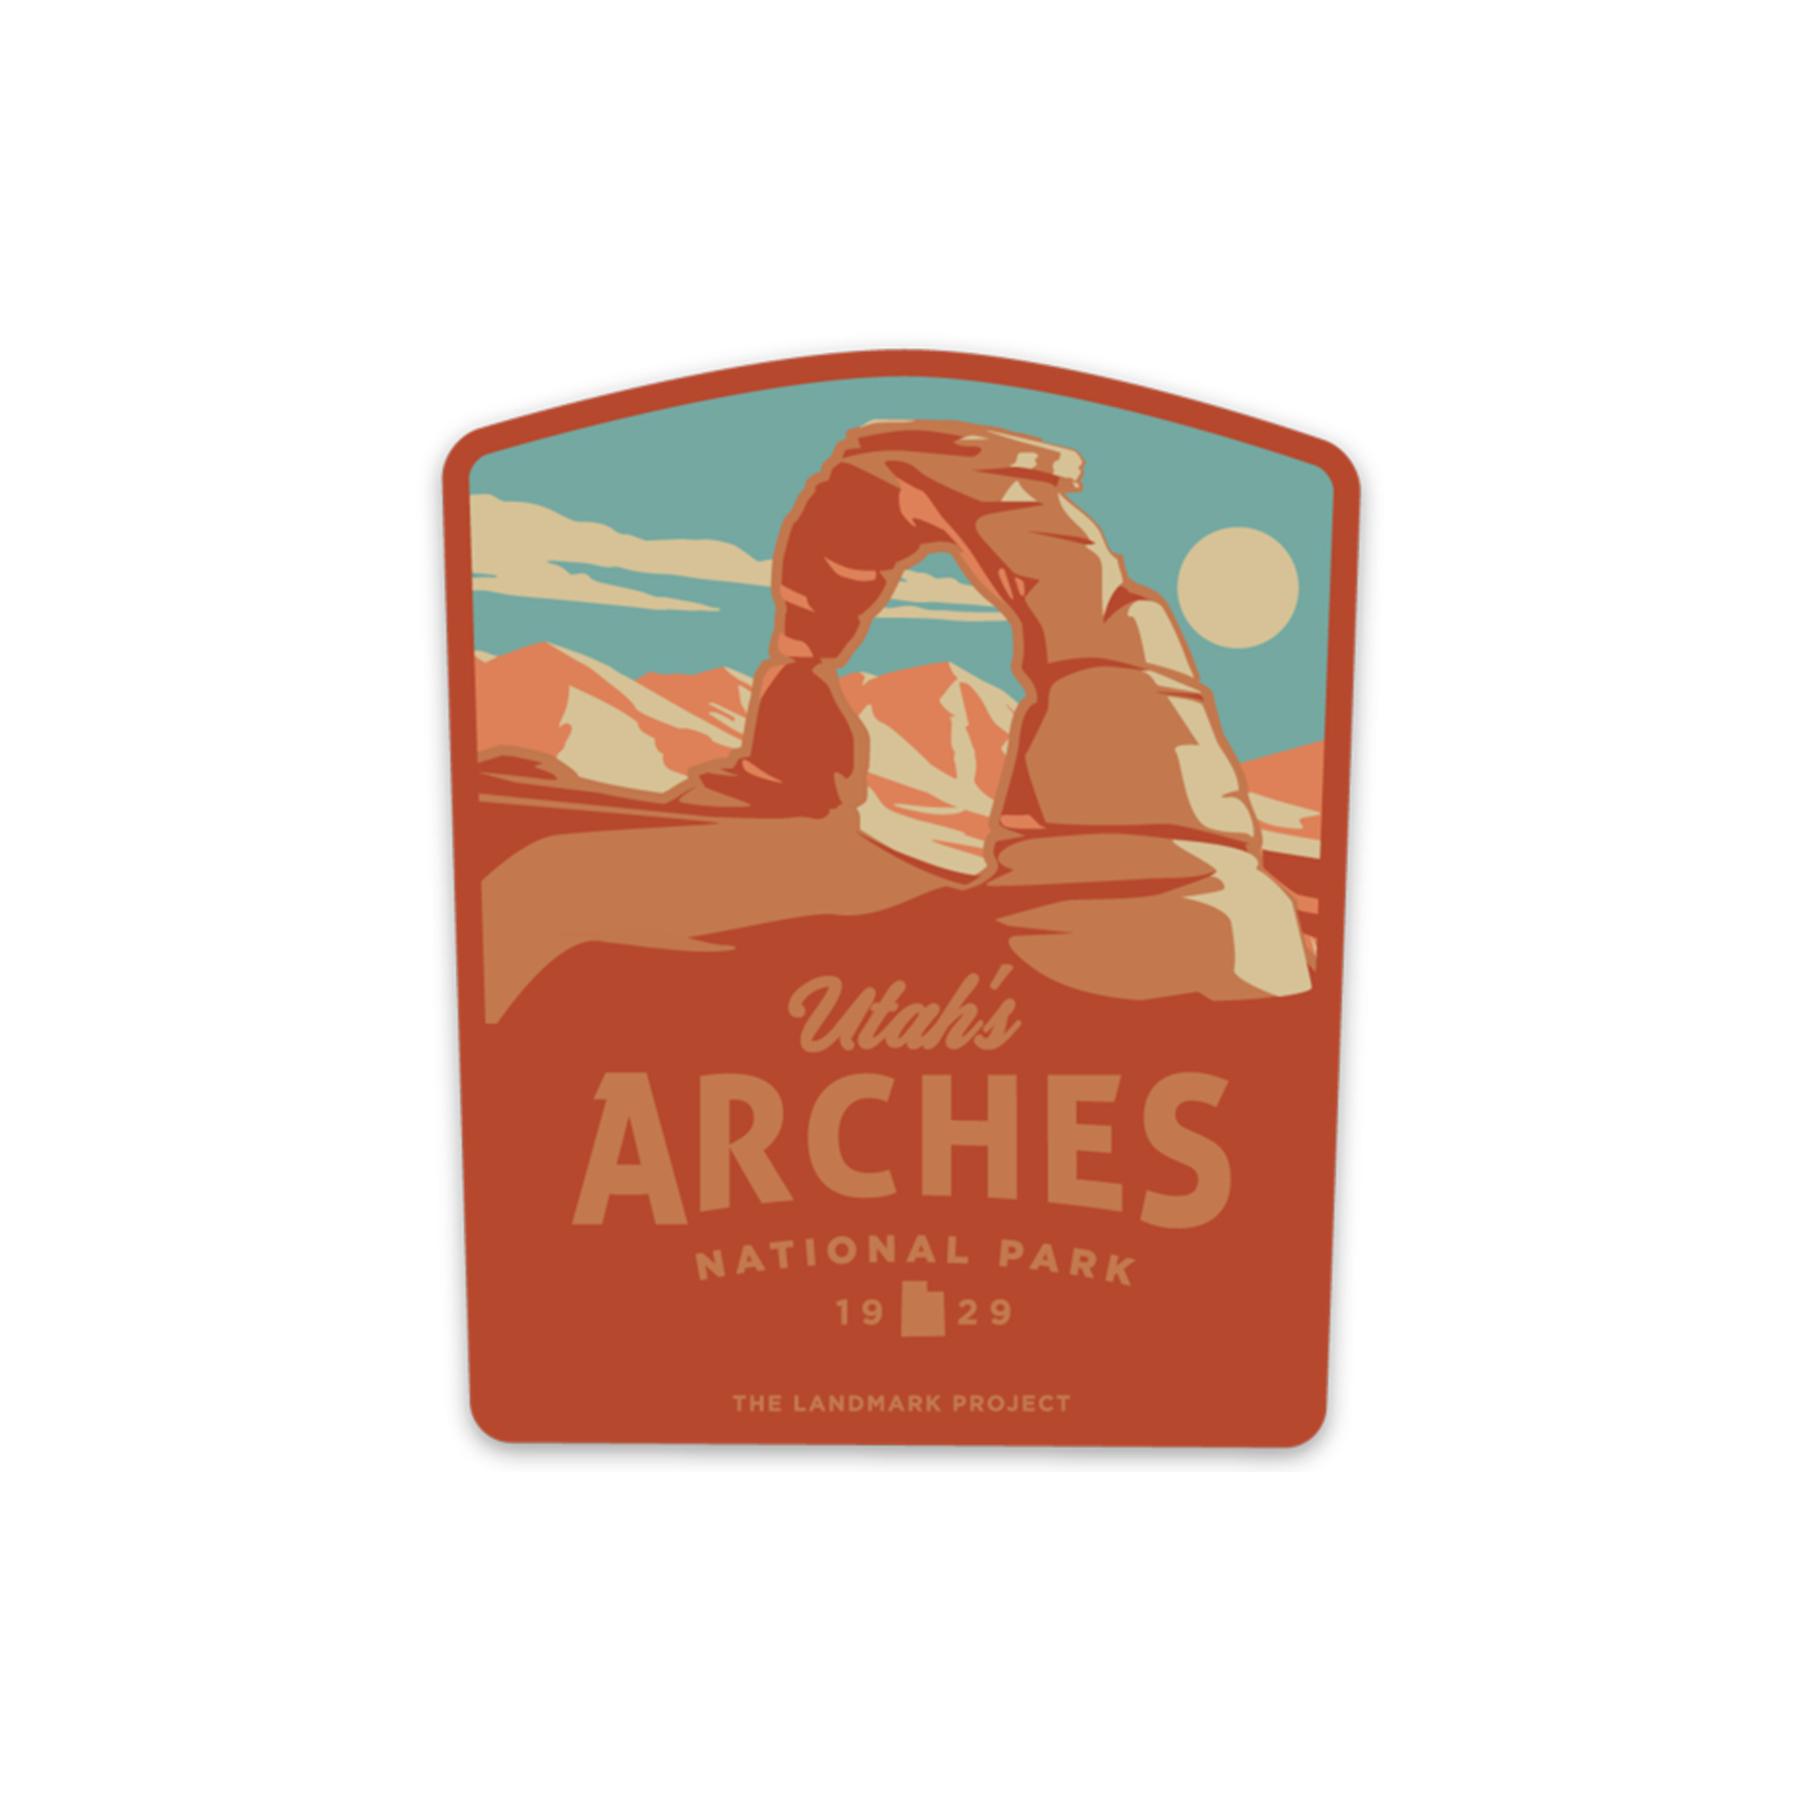 arches-sticker-2.jpg